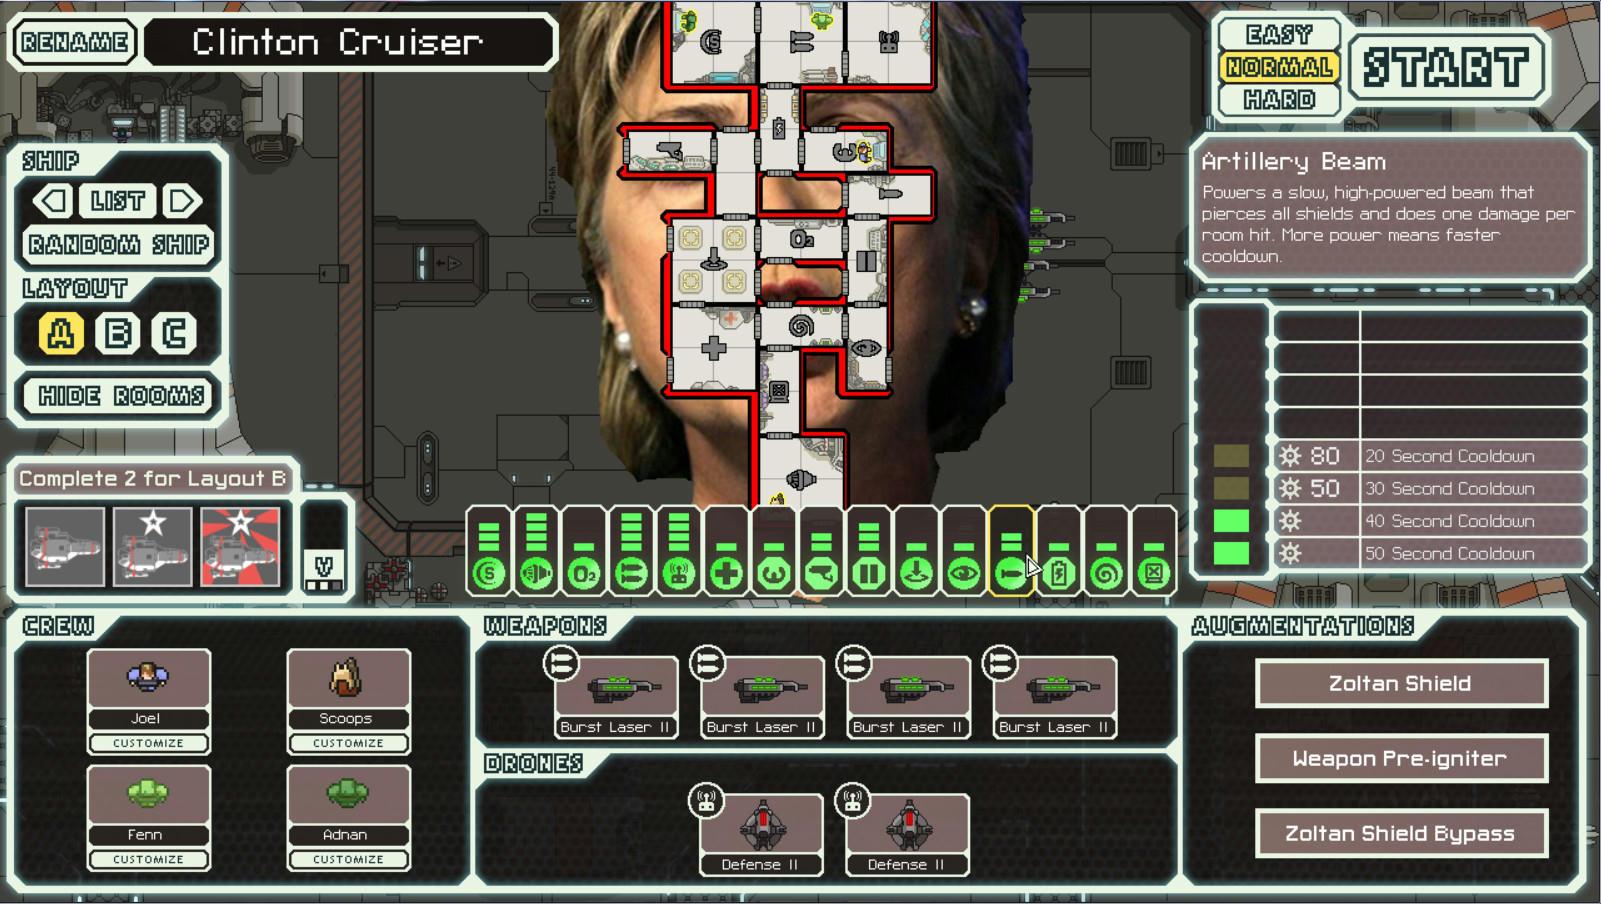 SHIP] Clinton Cruiser - Subset Games Forum